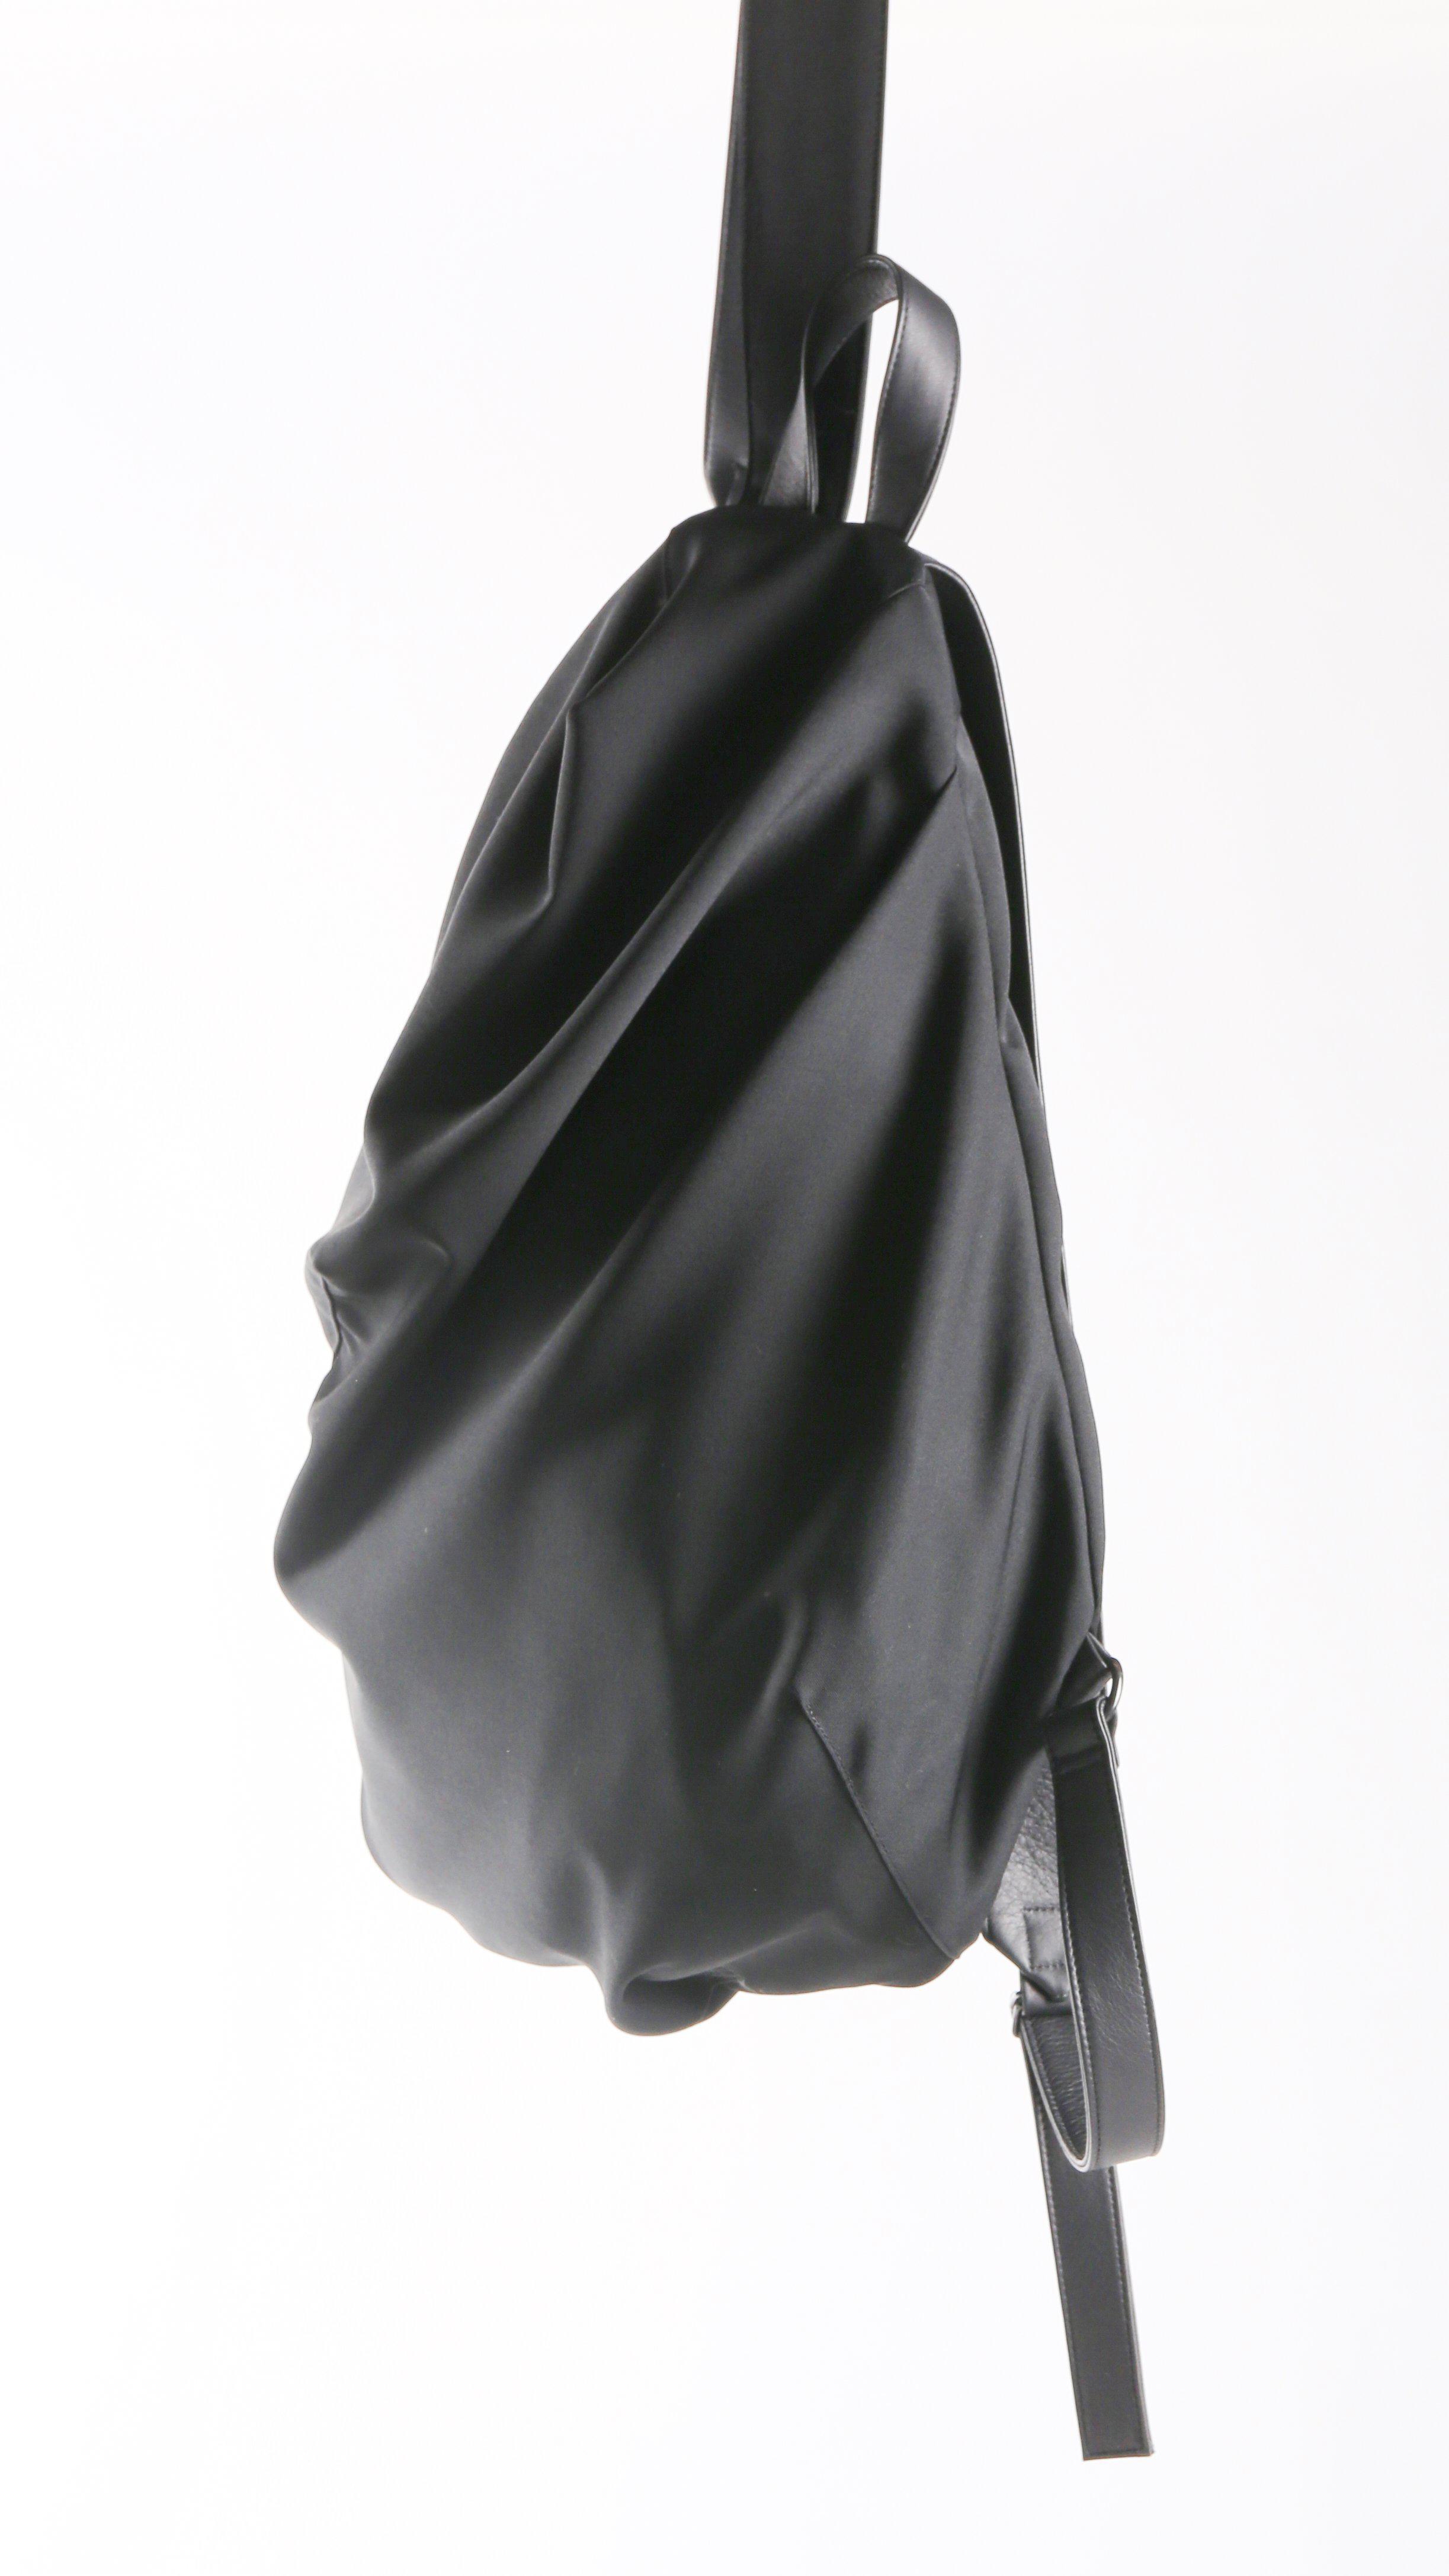 Lyst - Yohji Yamamoto Darts Drape Rucksac Backpack in Black 90513cc0a3